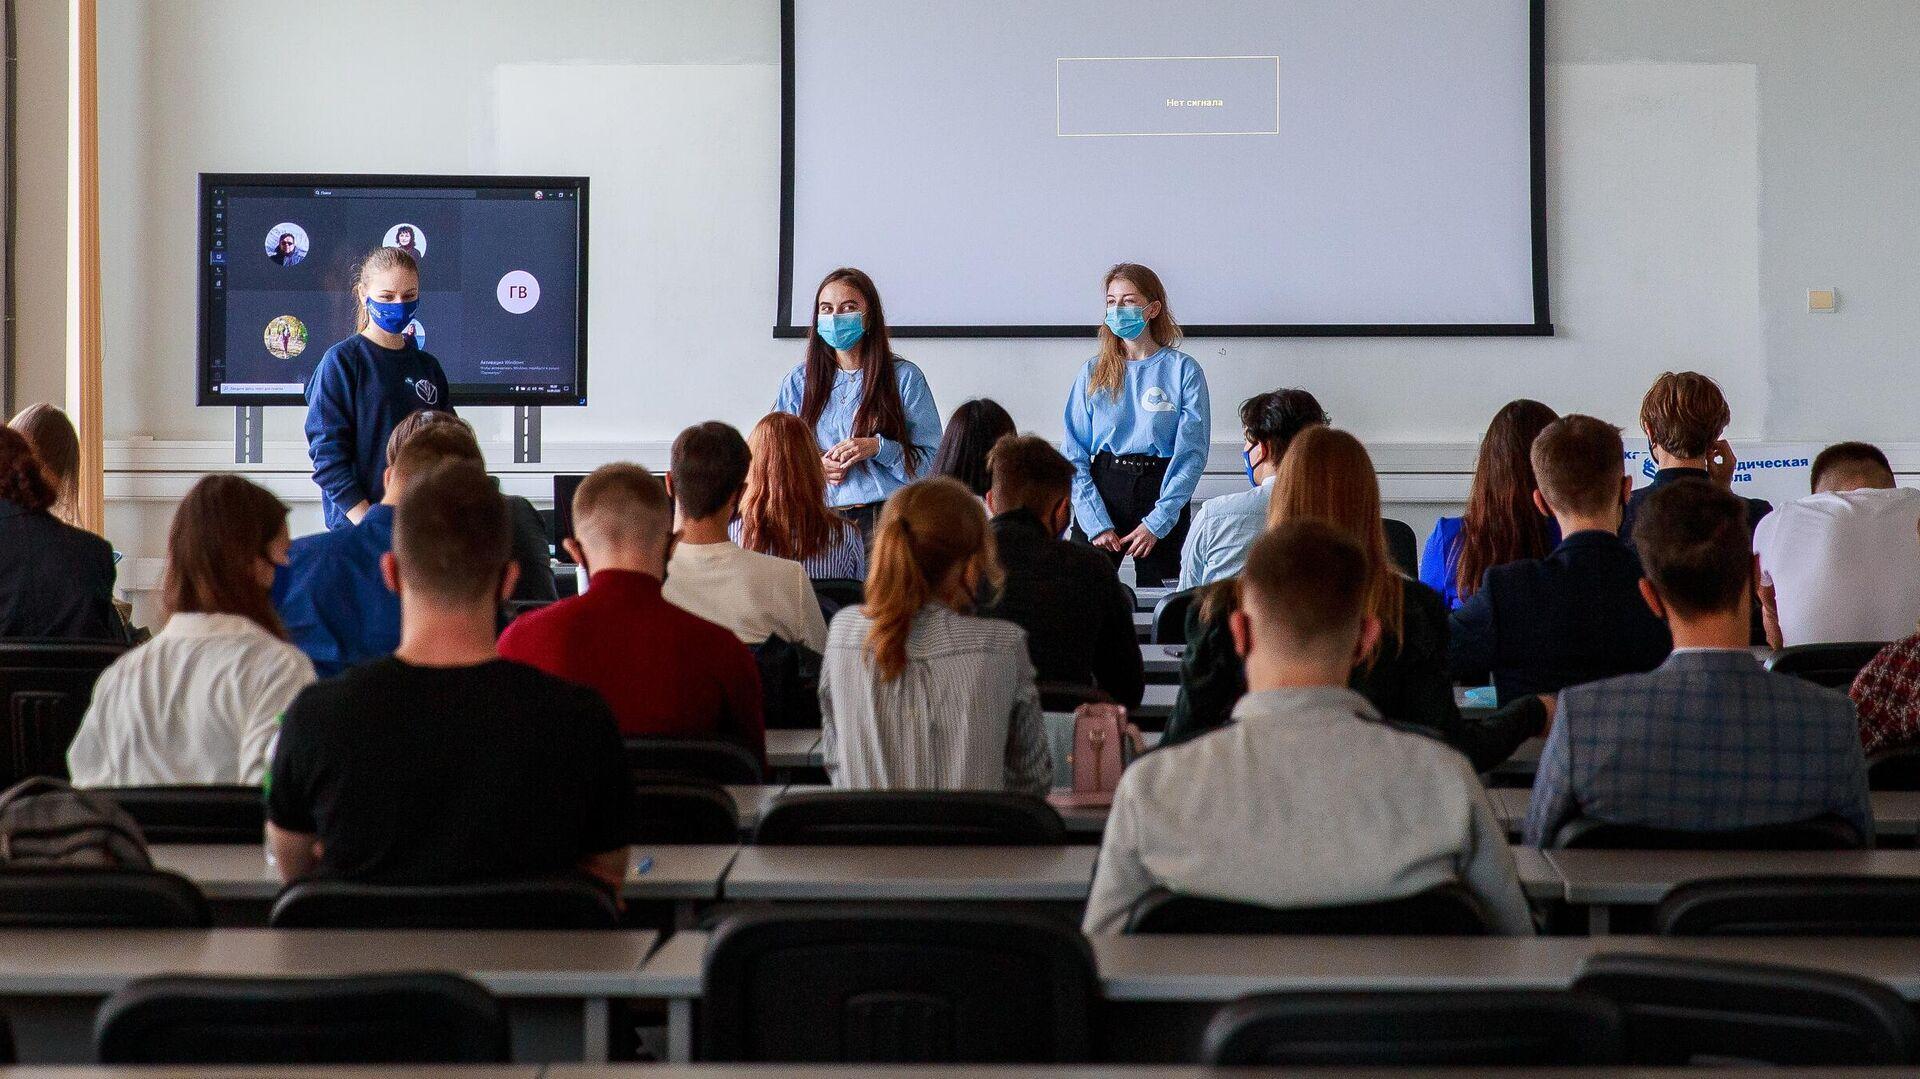 Студенты в аудитории Дальневосточного федерального университета во Владивостоке - РИА Новости, 1920, 01.04.2021